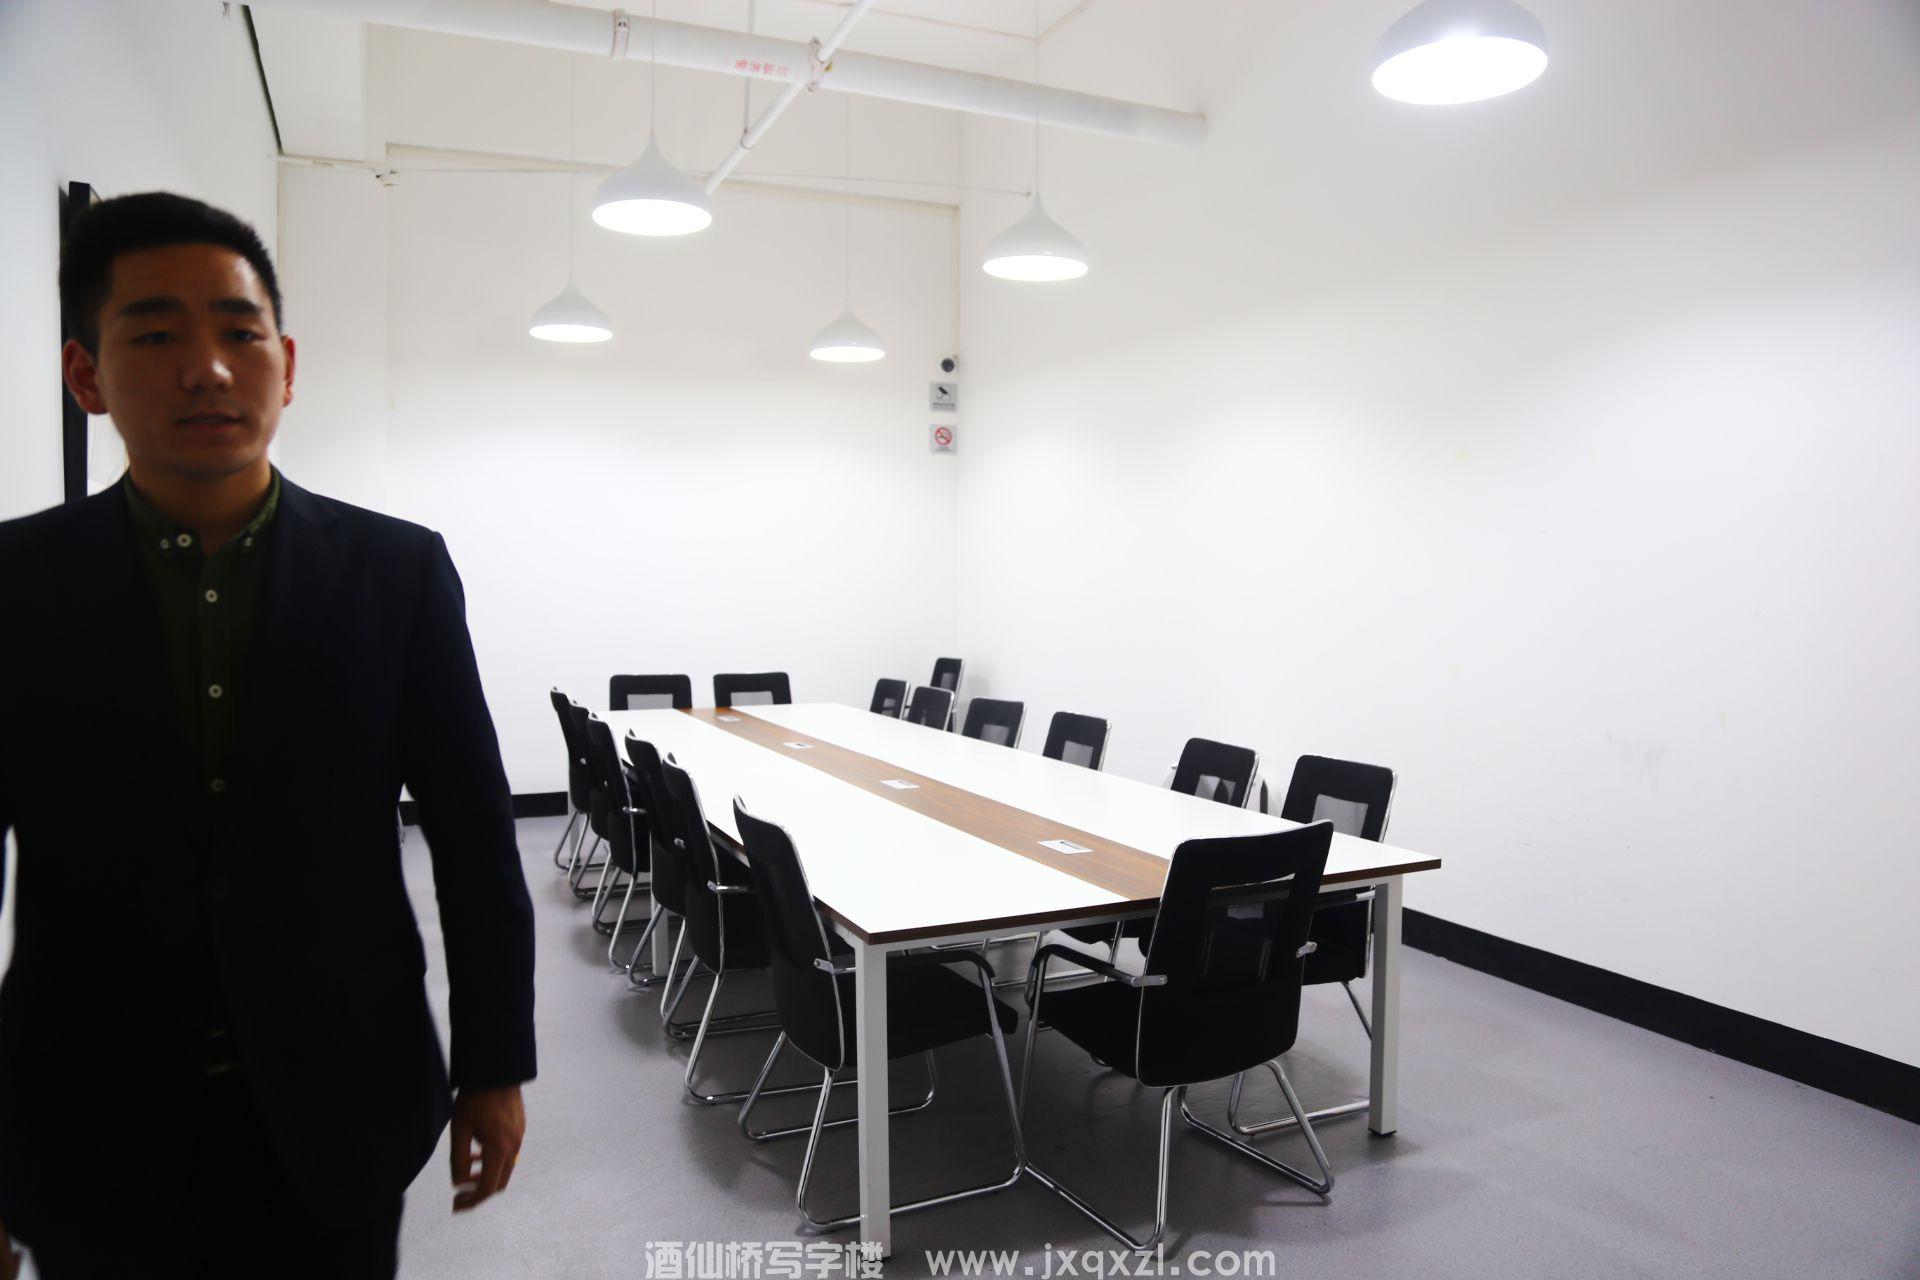 普天实业创新园大厦图片概览